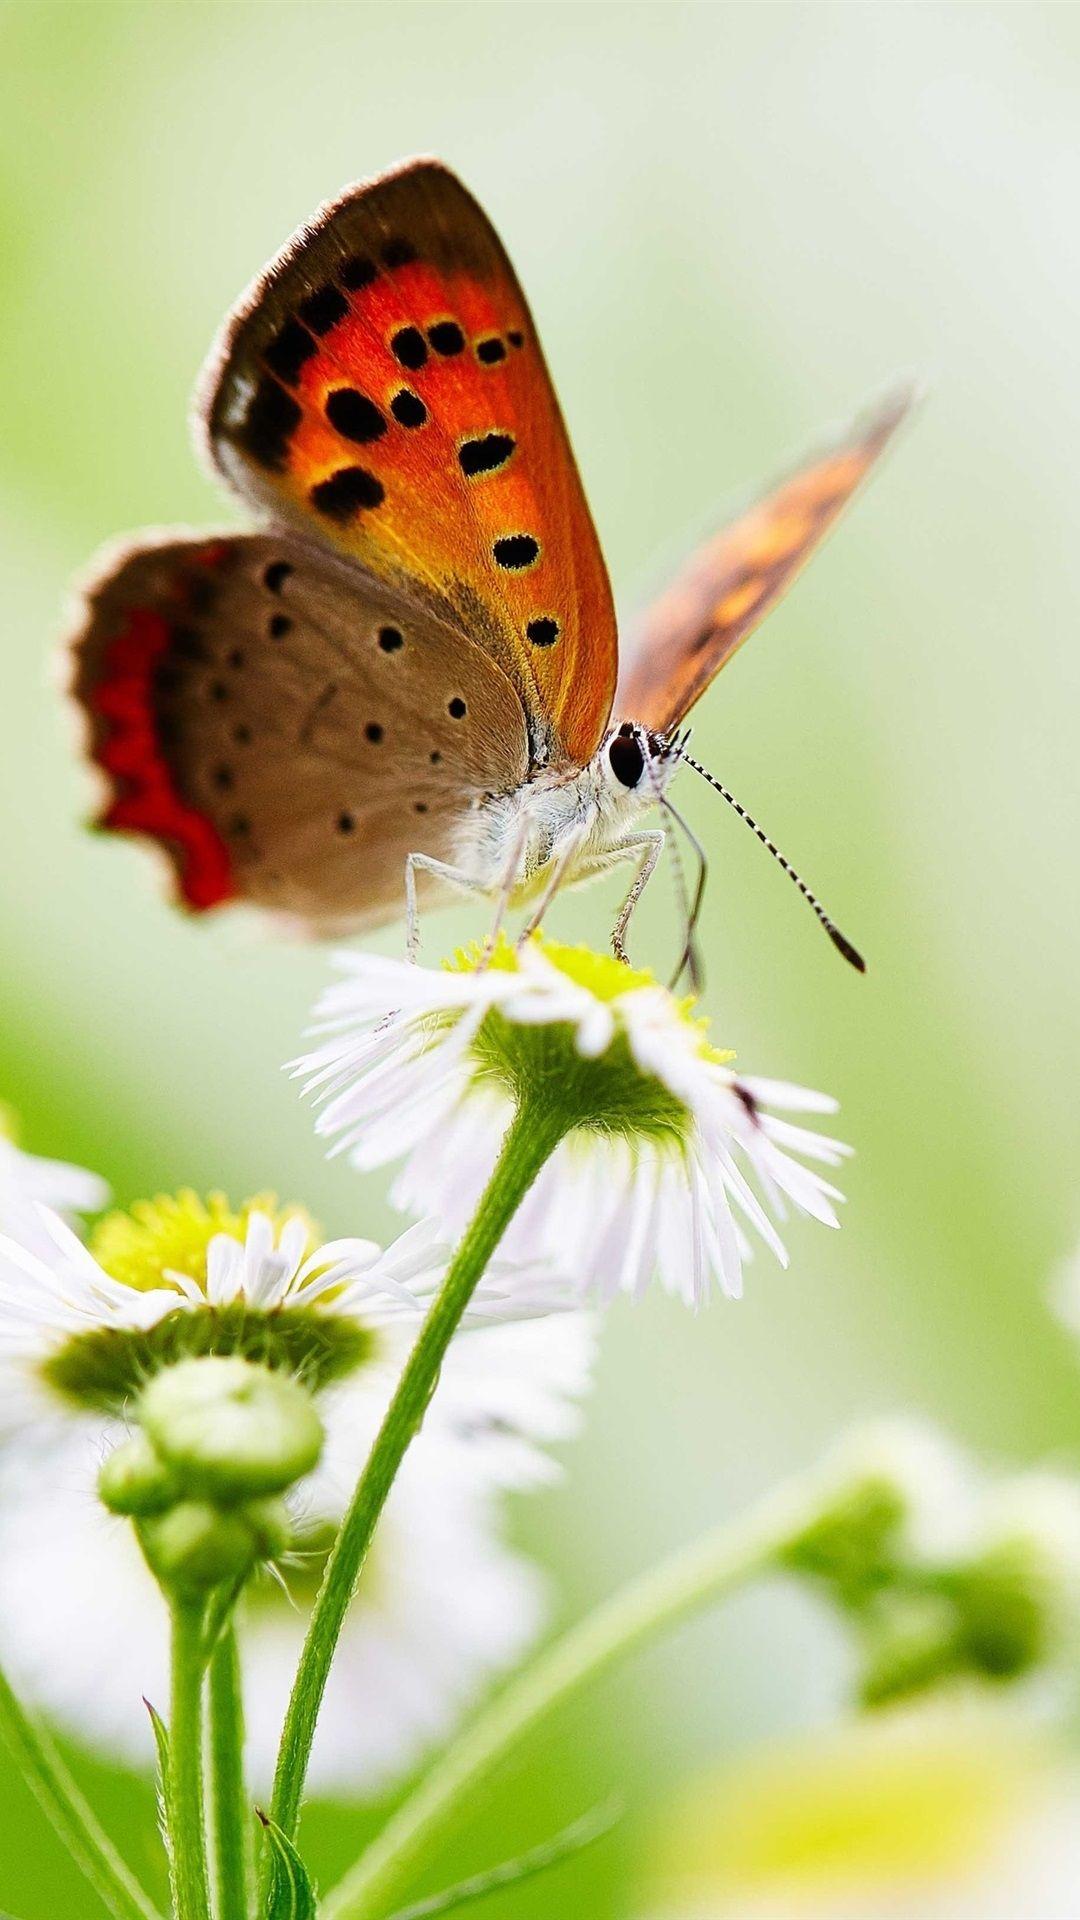 Butterfly screensaver wallpaper